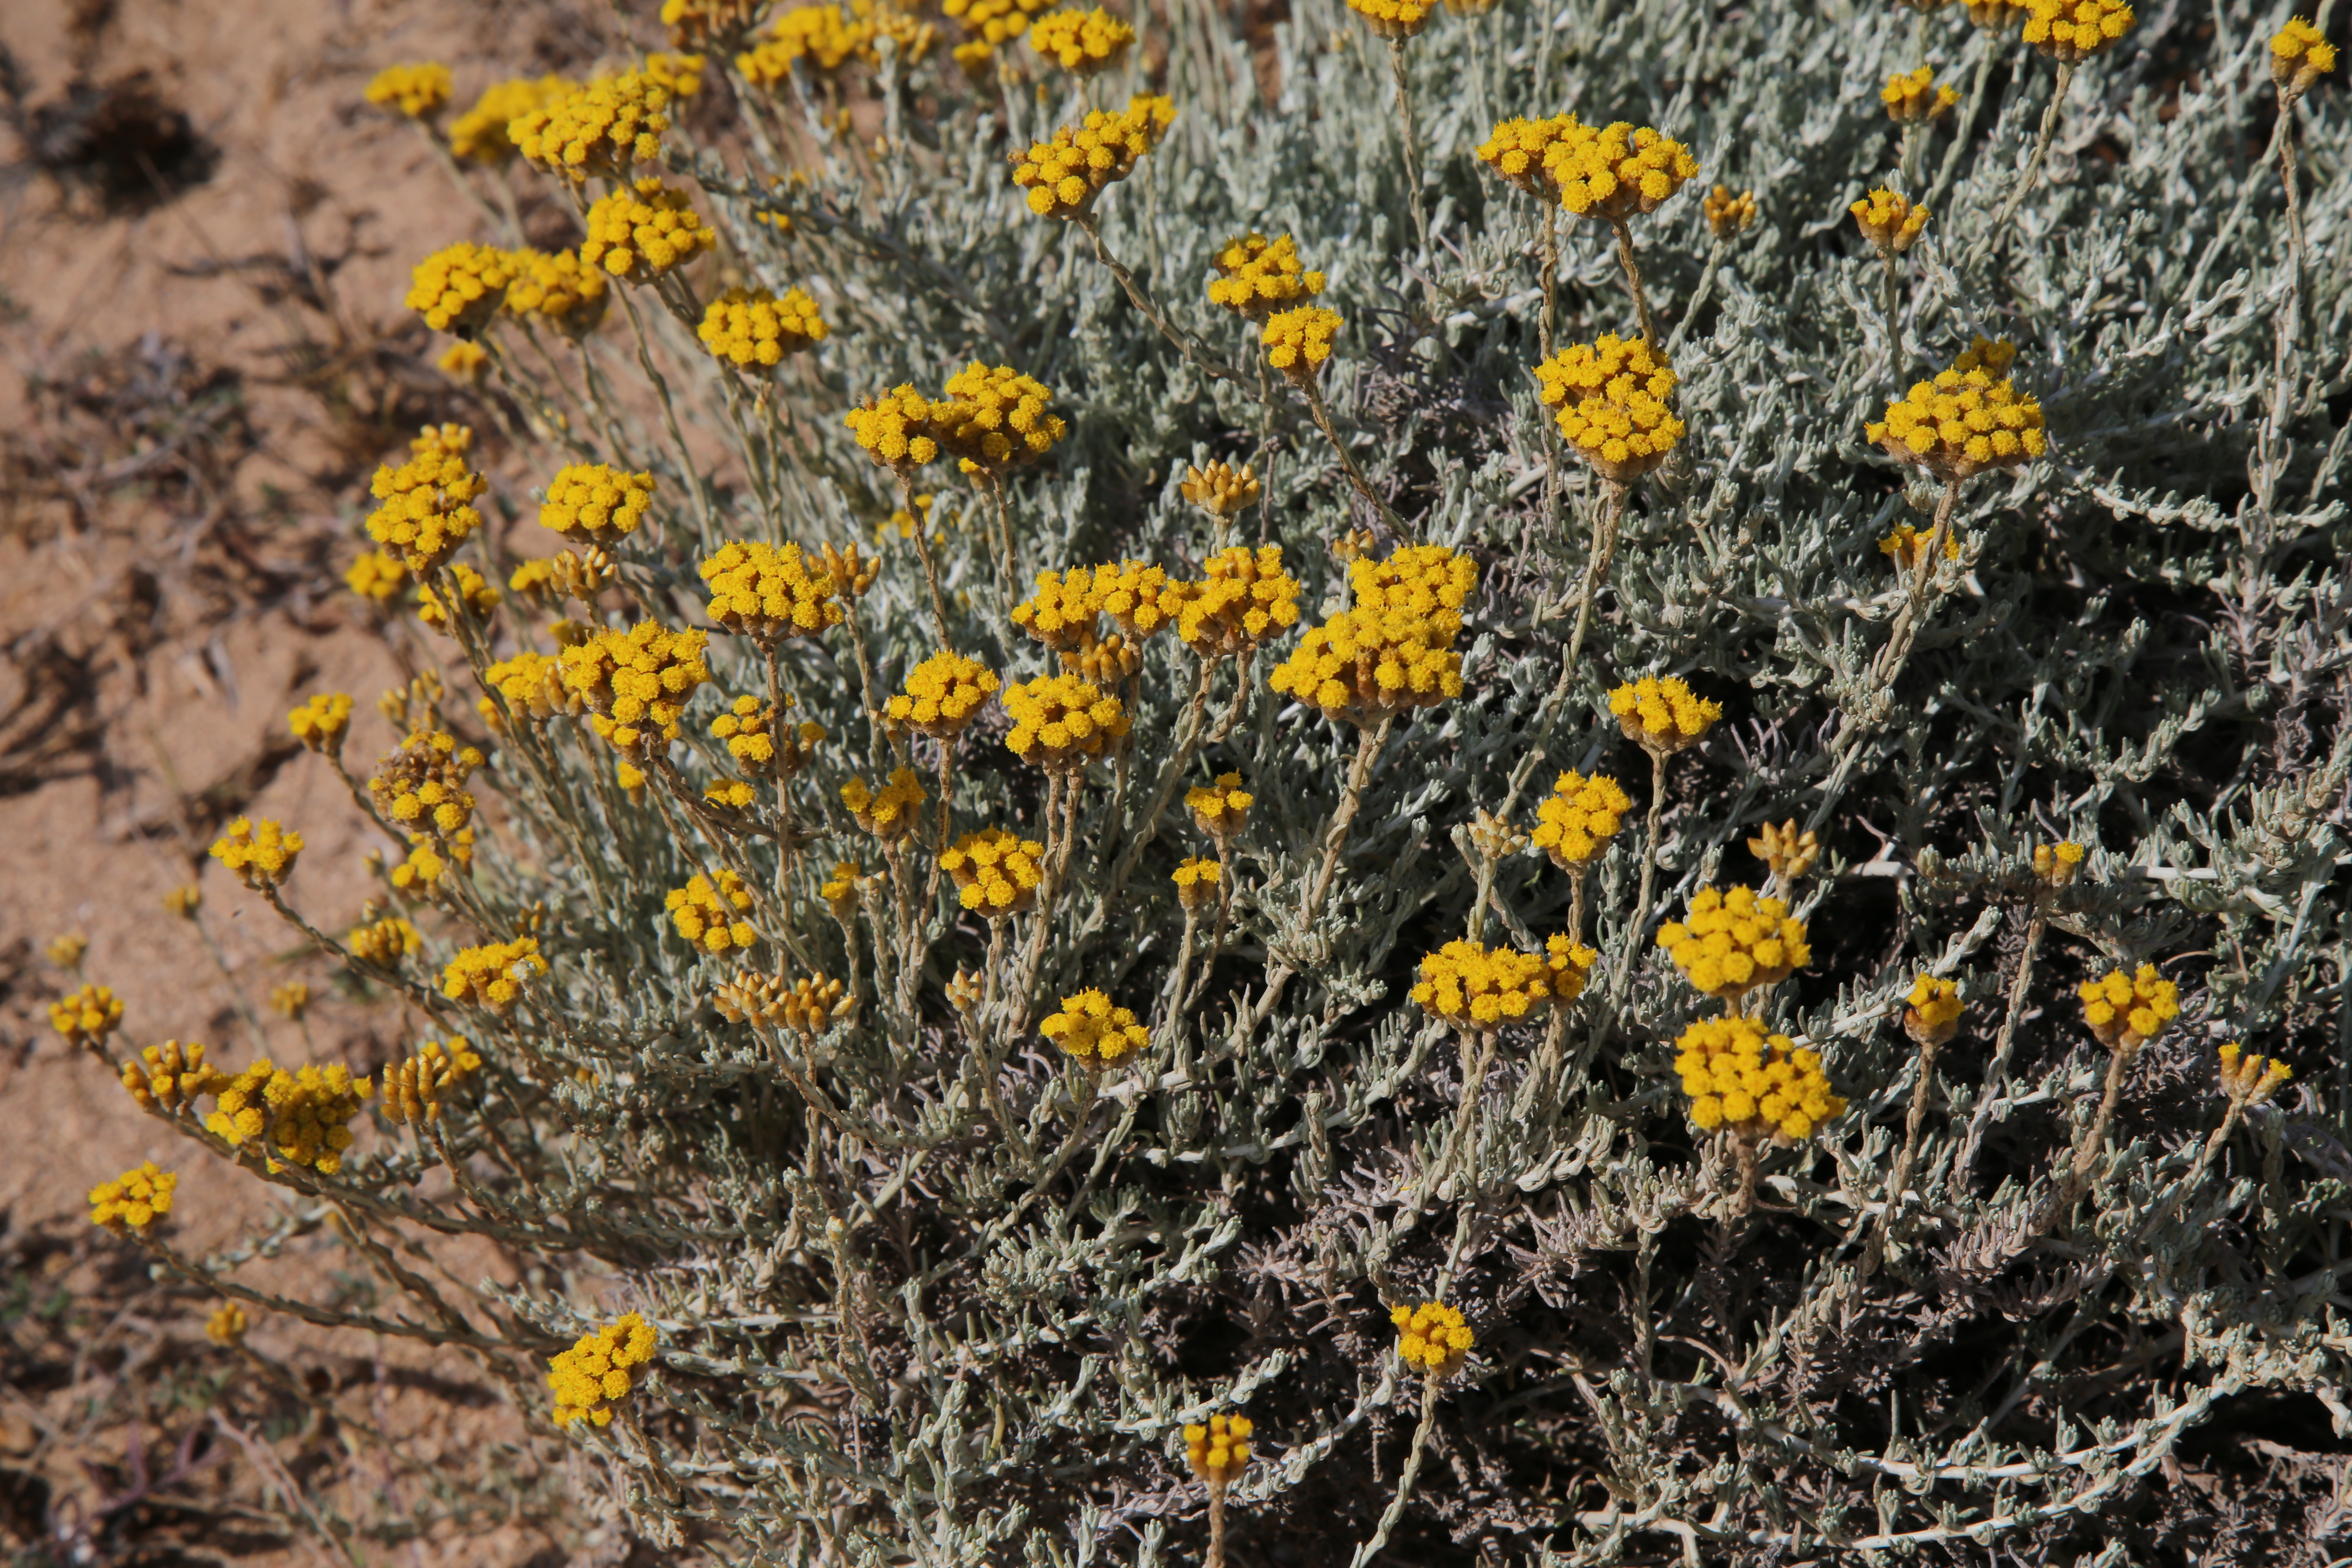 Ricerca scientifica, la pianta dell'elicriso e' un alleato nella bonifica dei siti minerari: lo dimostra lo studio di un gruppo di ricercatori dell'Università di Cagliari